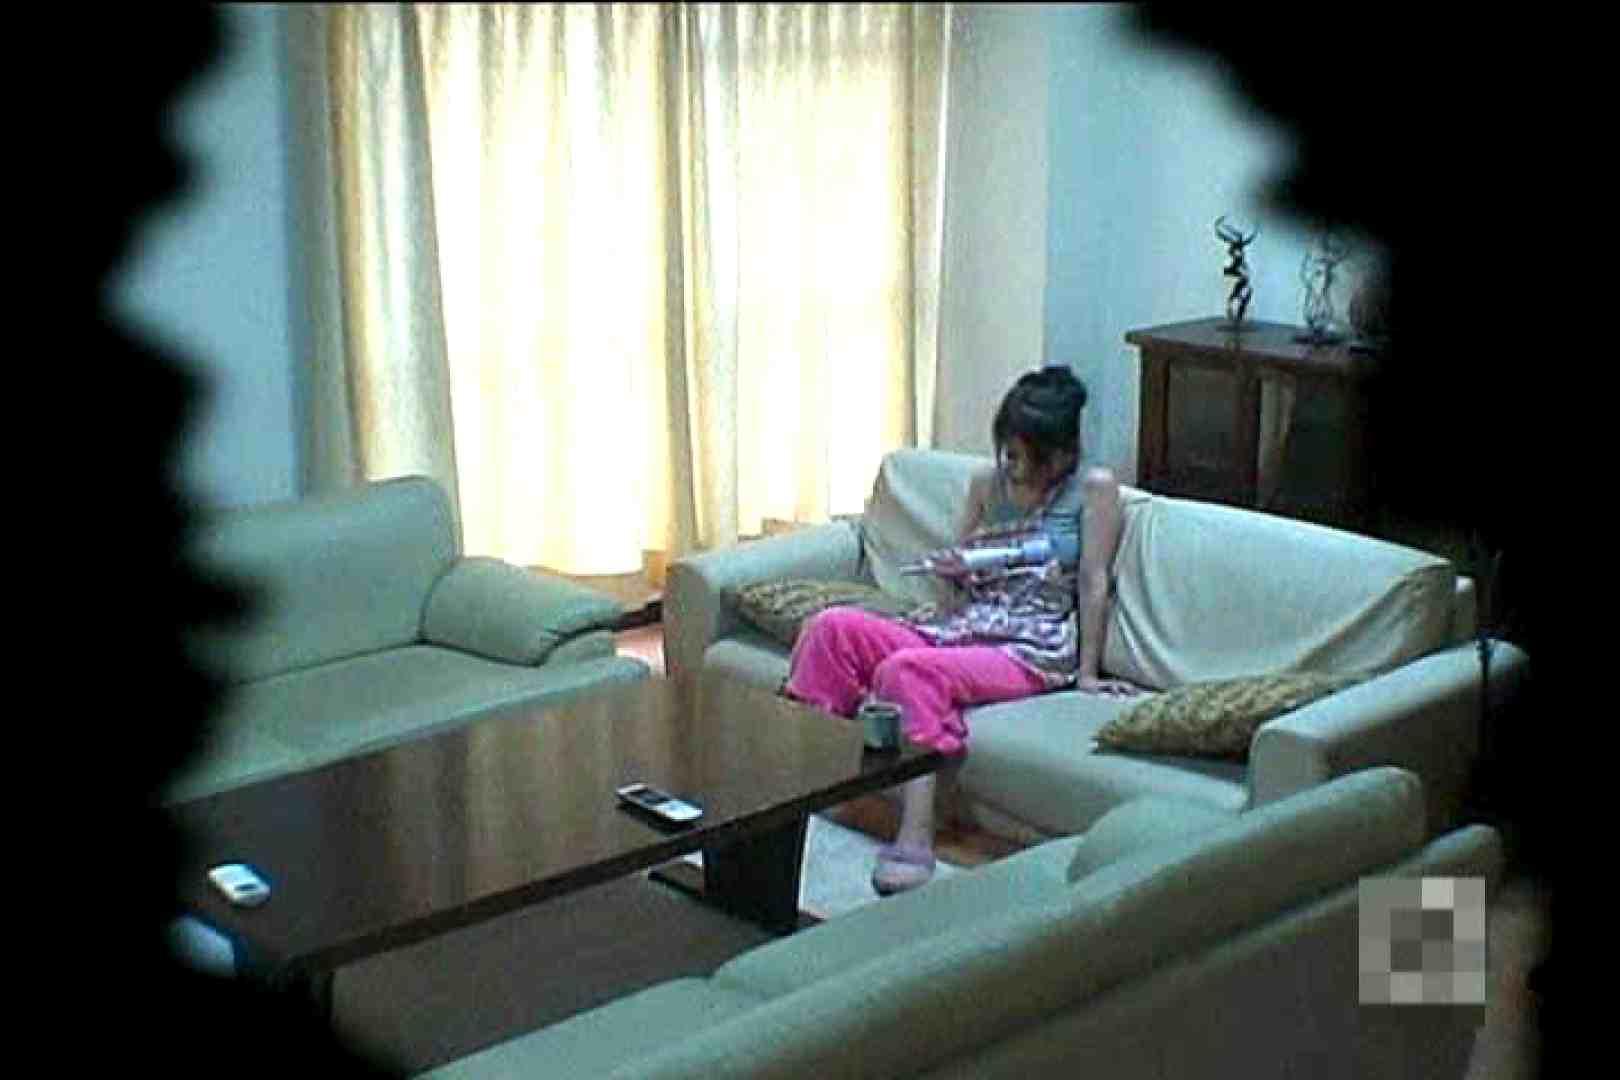 民家自慰マニアVol.4 民家エロ投稿 オメコ無修正動画無料 80画像 9